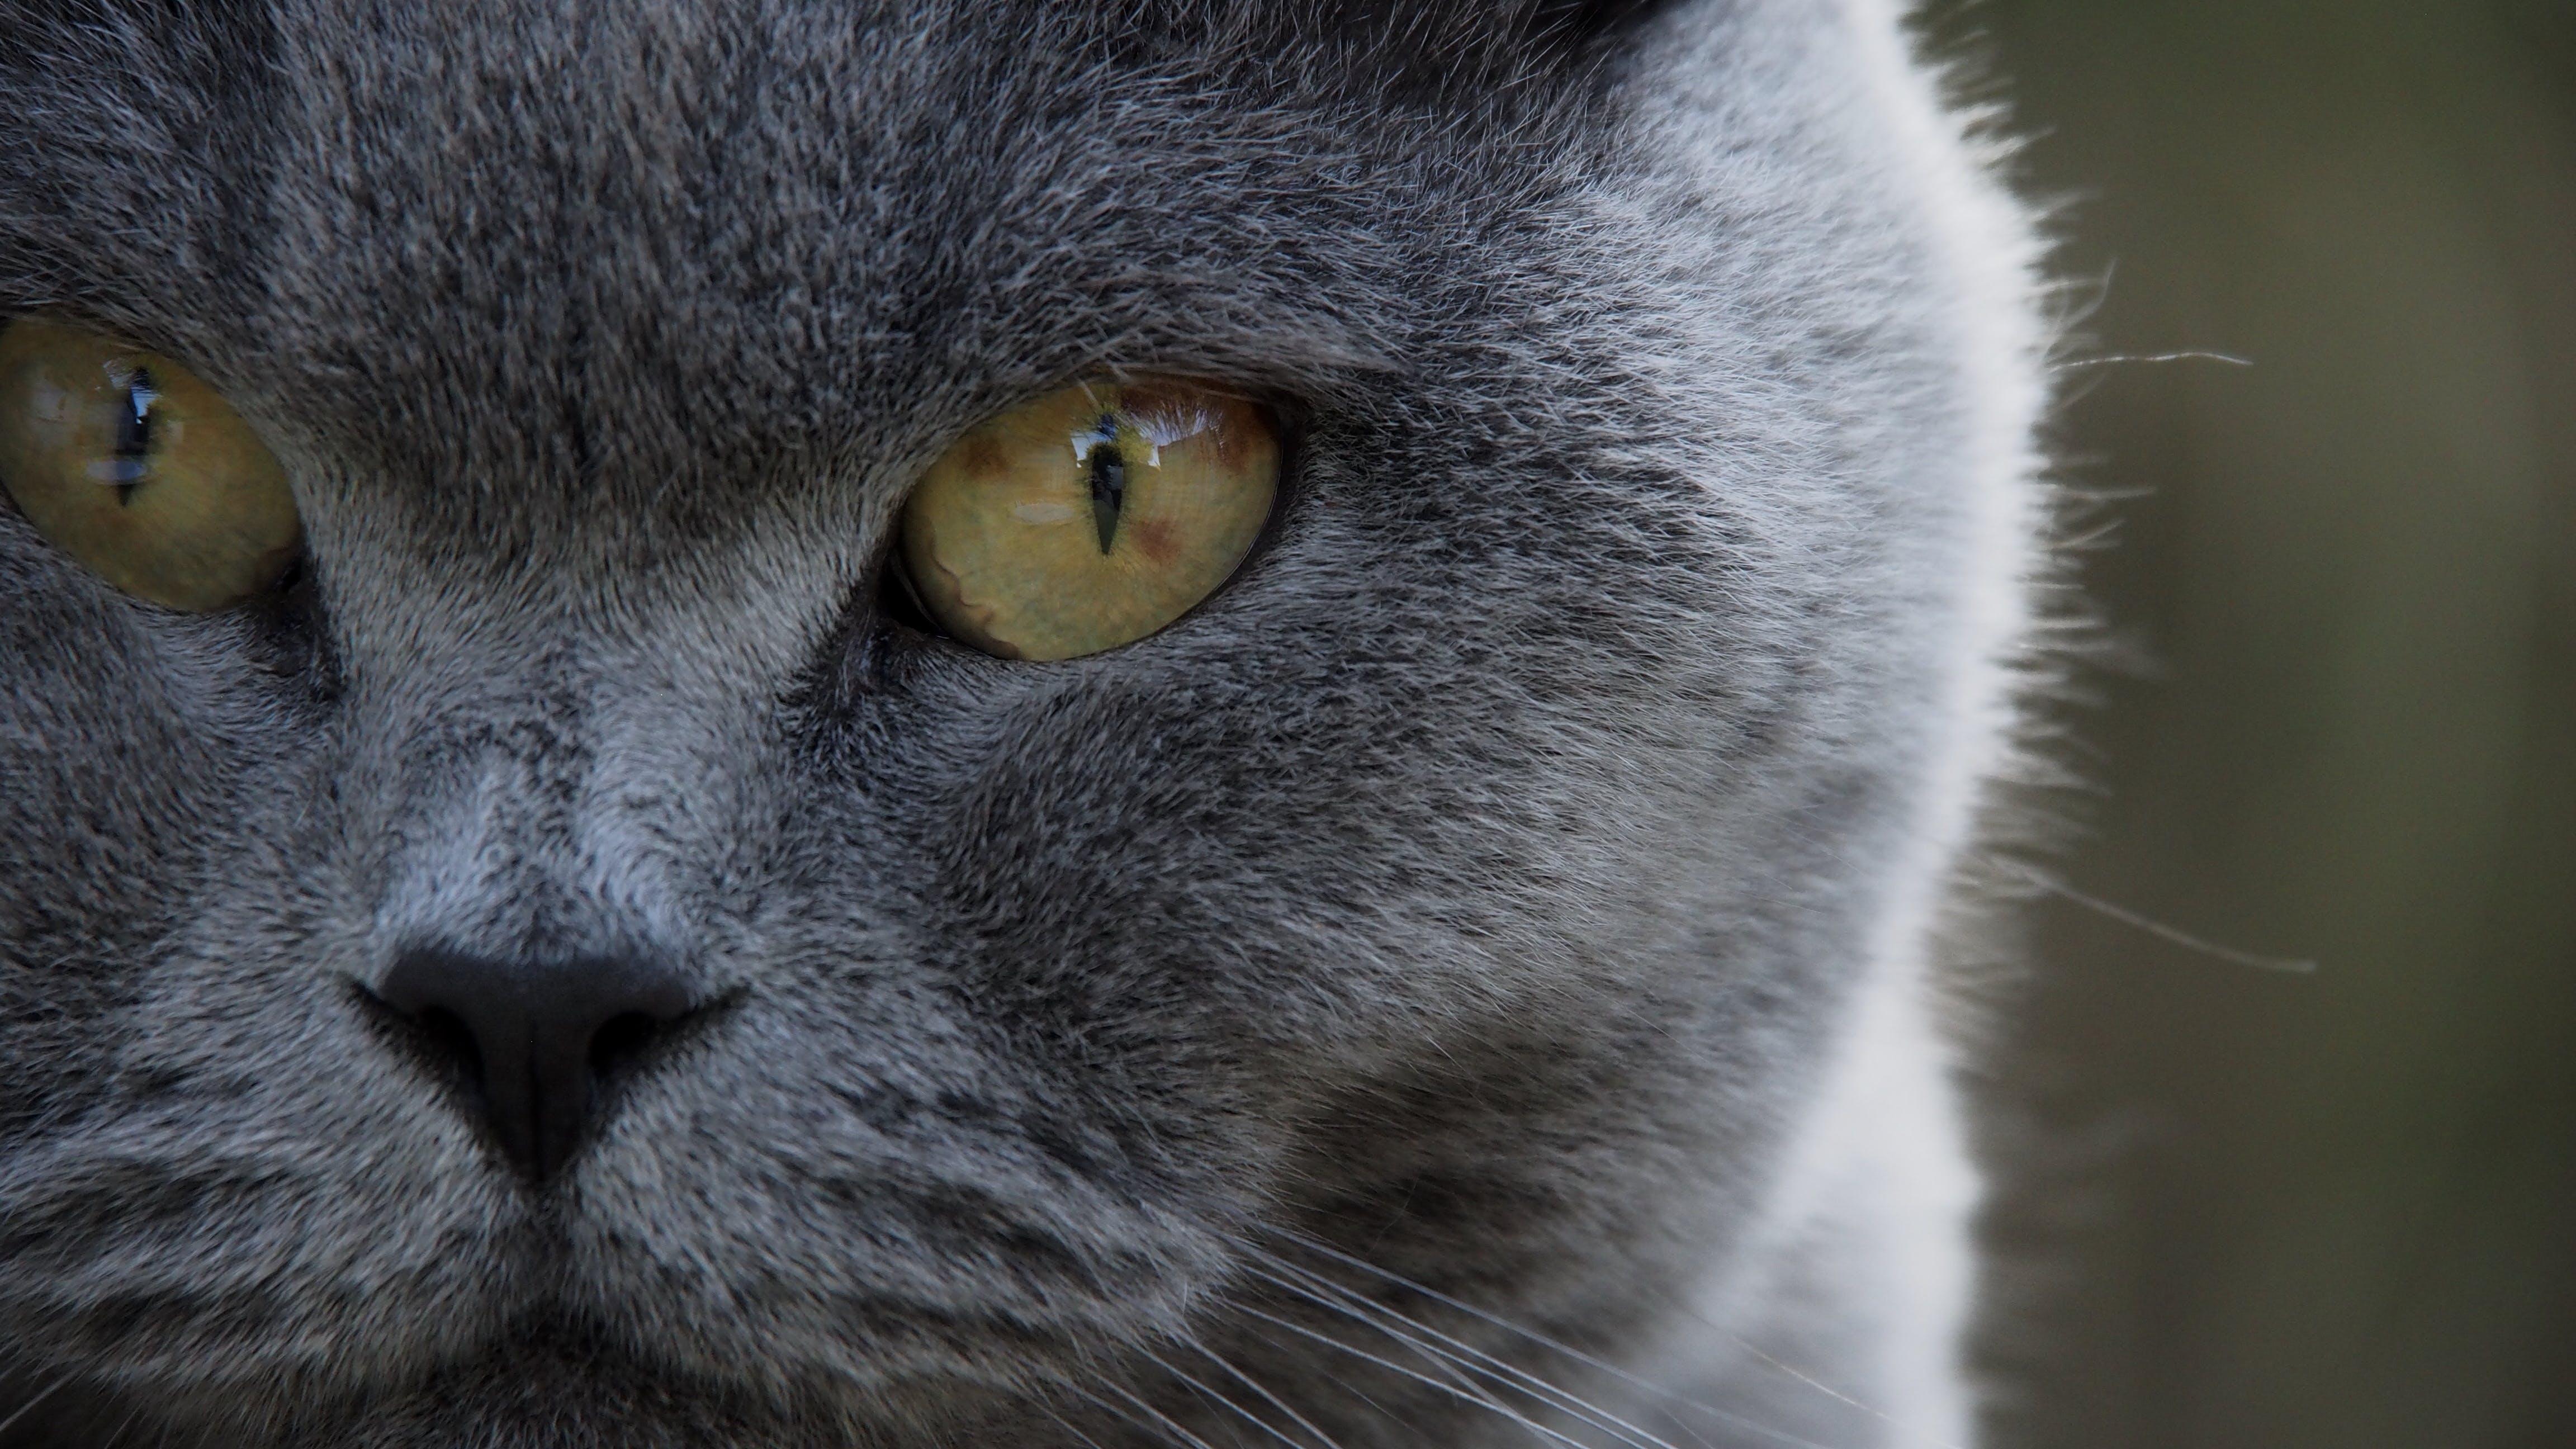 Gratis lagerfoto af grå, kat, katteansigt, katteøjne